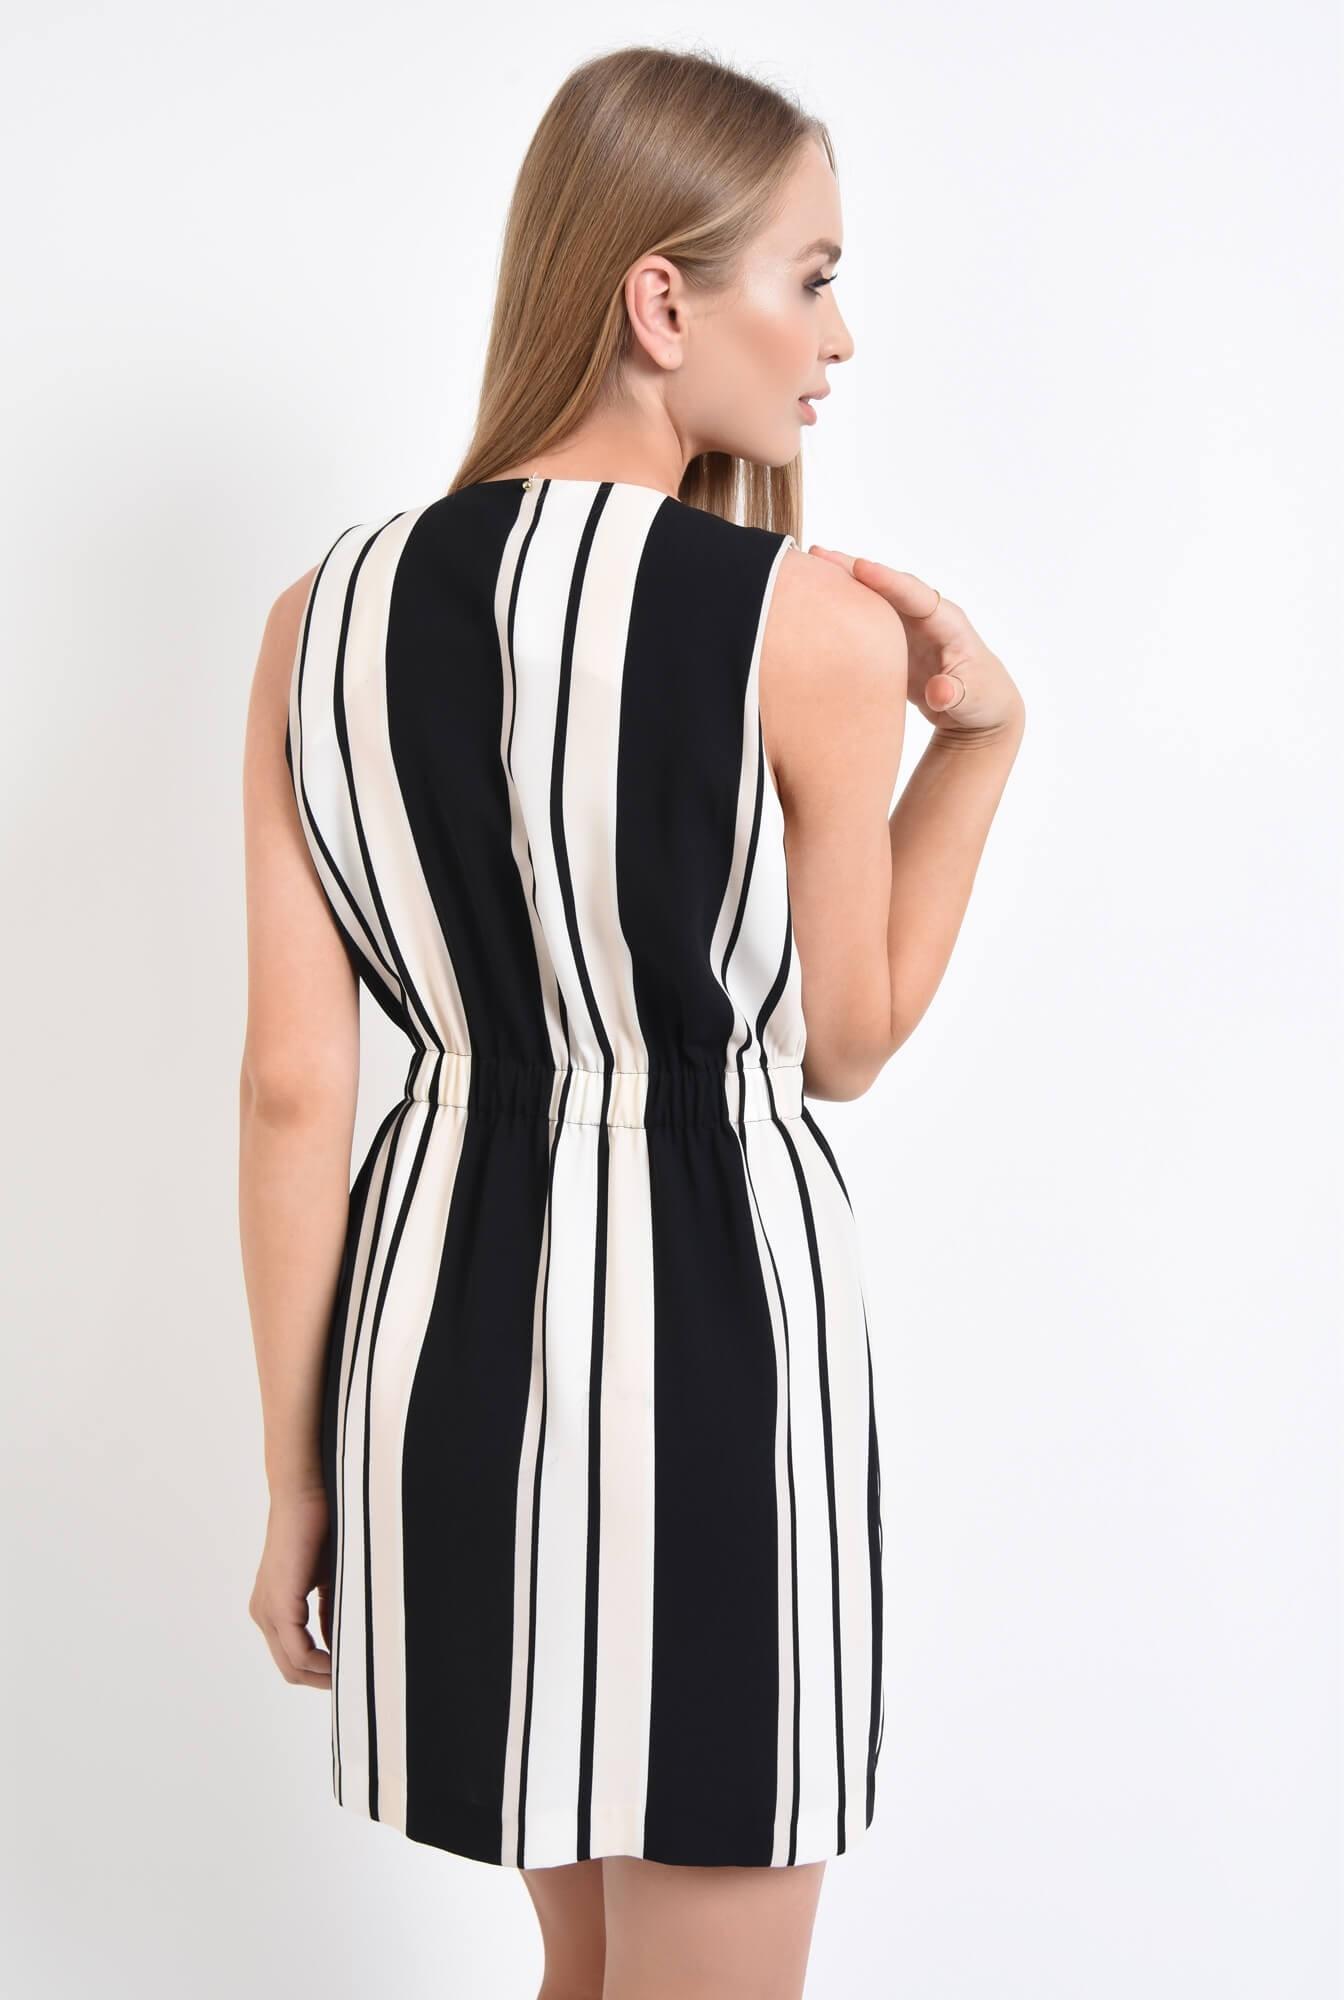 1 - rochie eleganta, cu imprimeu, dungi, alb-negru, scurta, rochie de ocazie